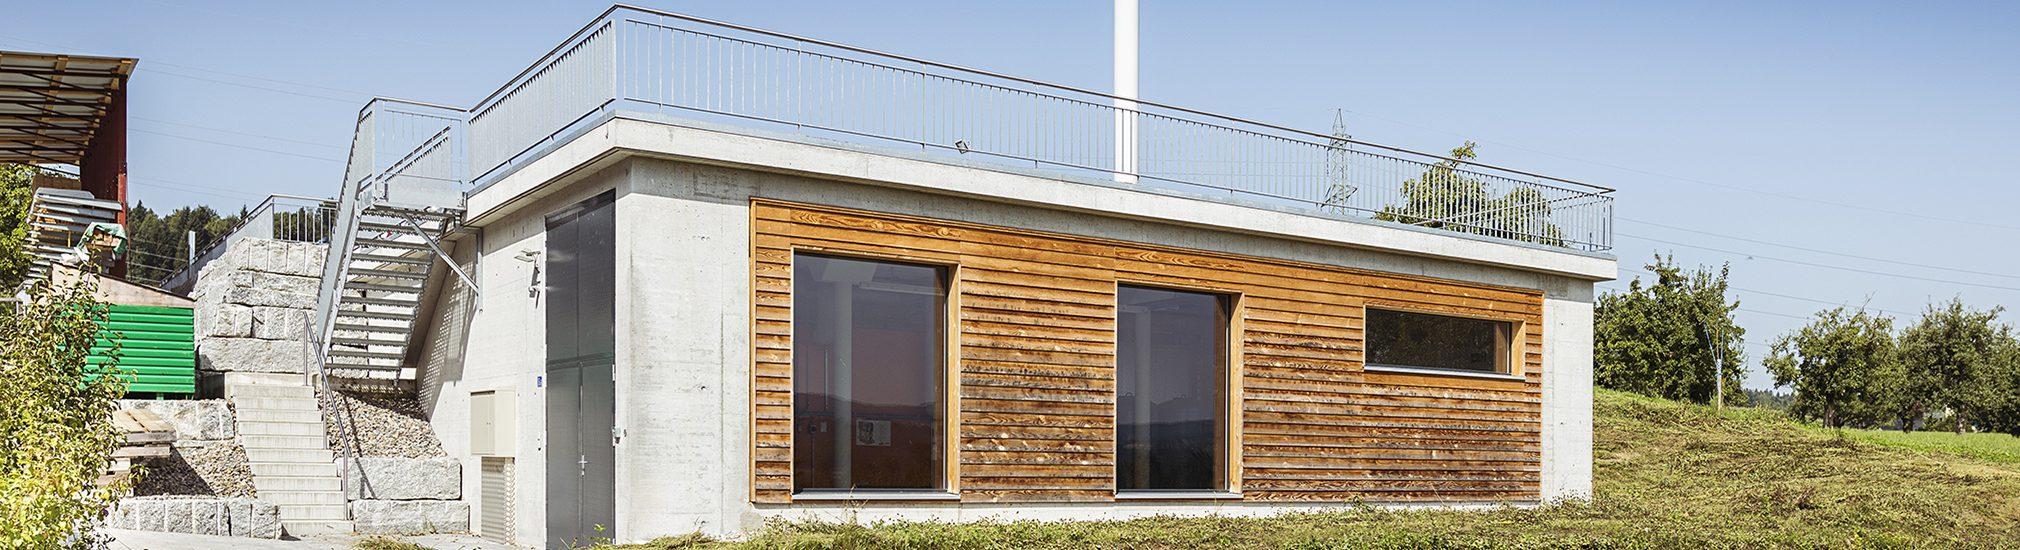 Amstutz Holzenergie AG, Emmen, Projektleitung, Nachhaltige Energie, Heizen mit Holz, Fernwärme